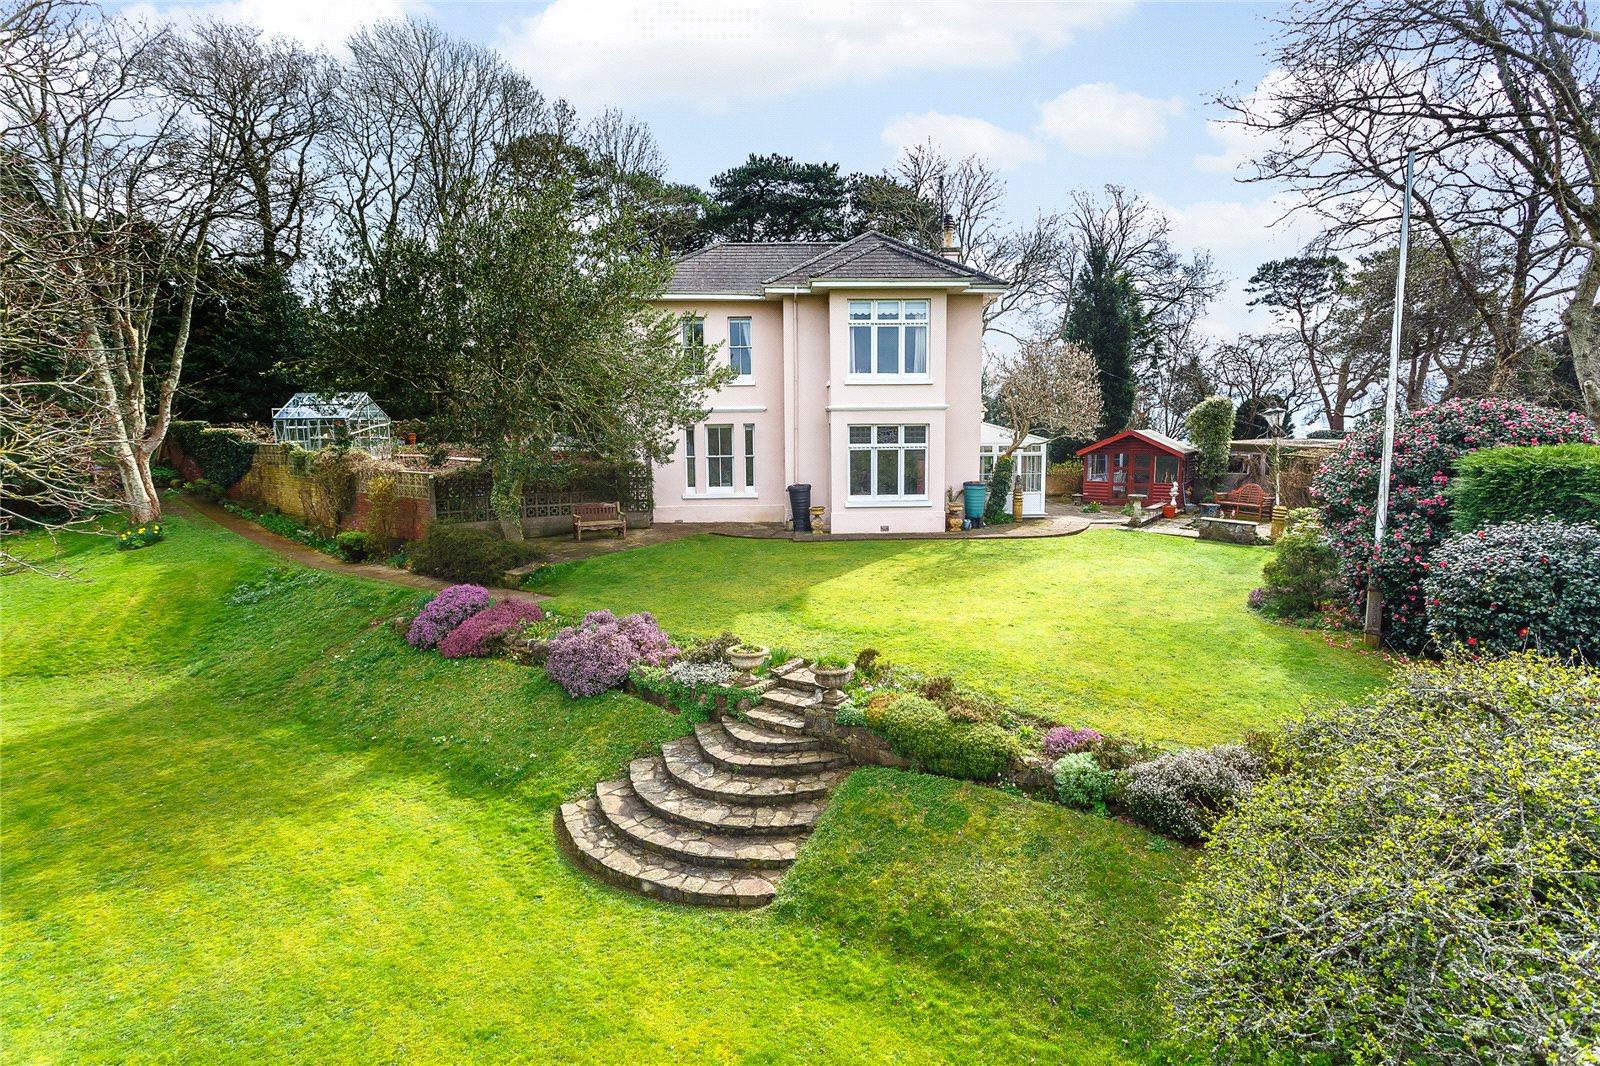 Totnes Real Estate for Sale | Christie's International ...